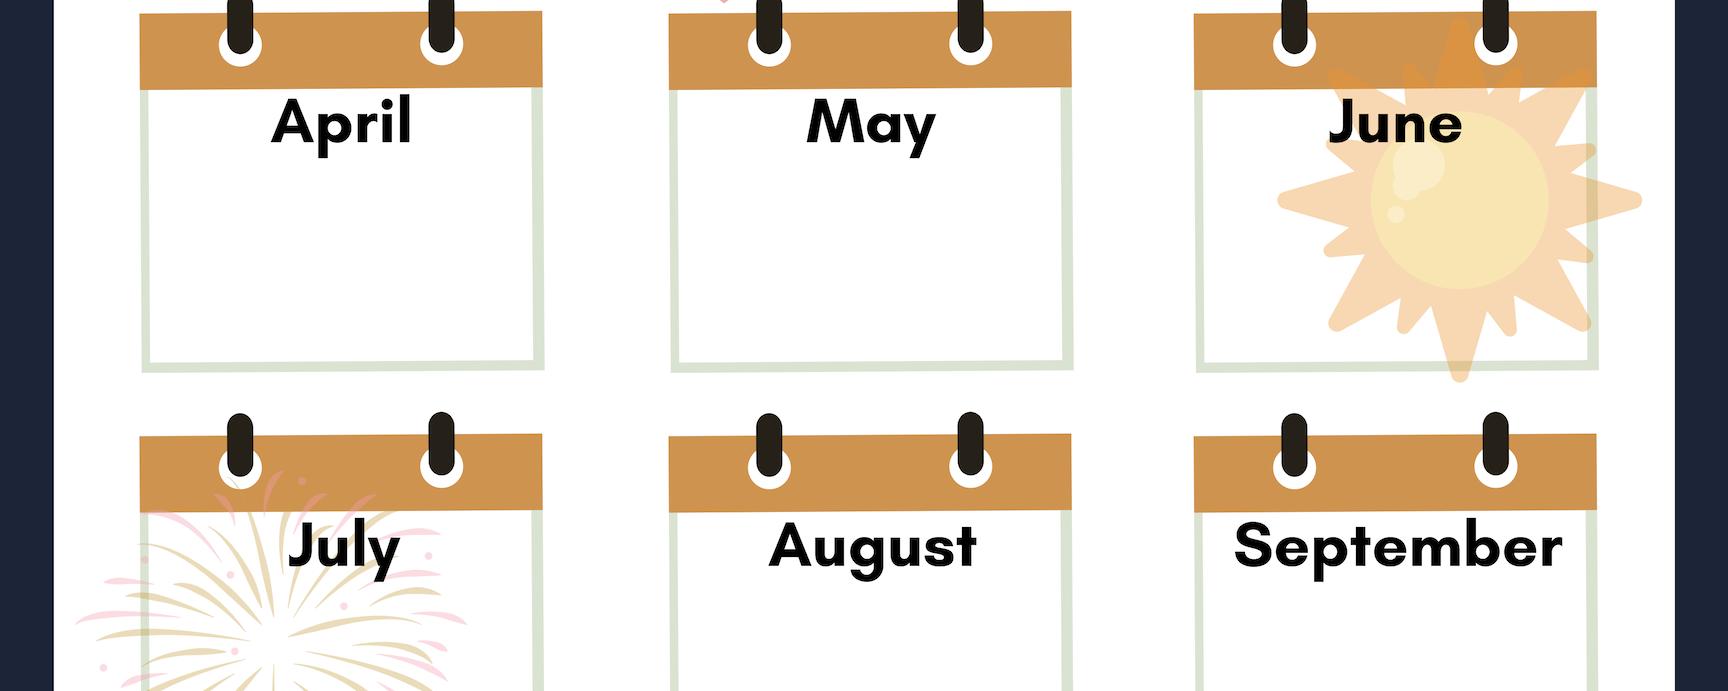 2019 Debt Calendar